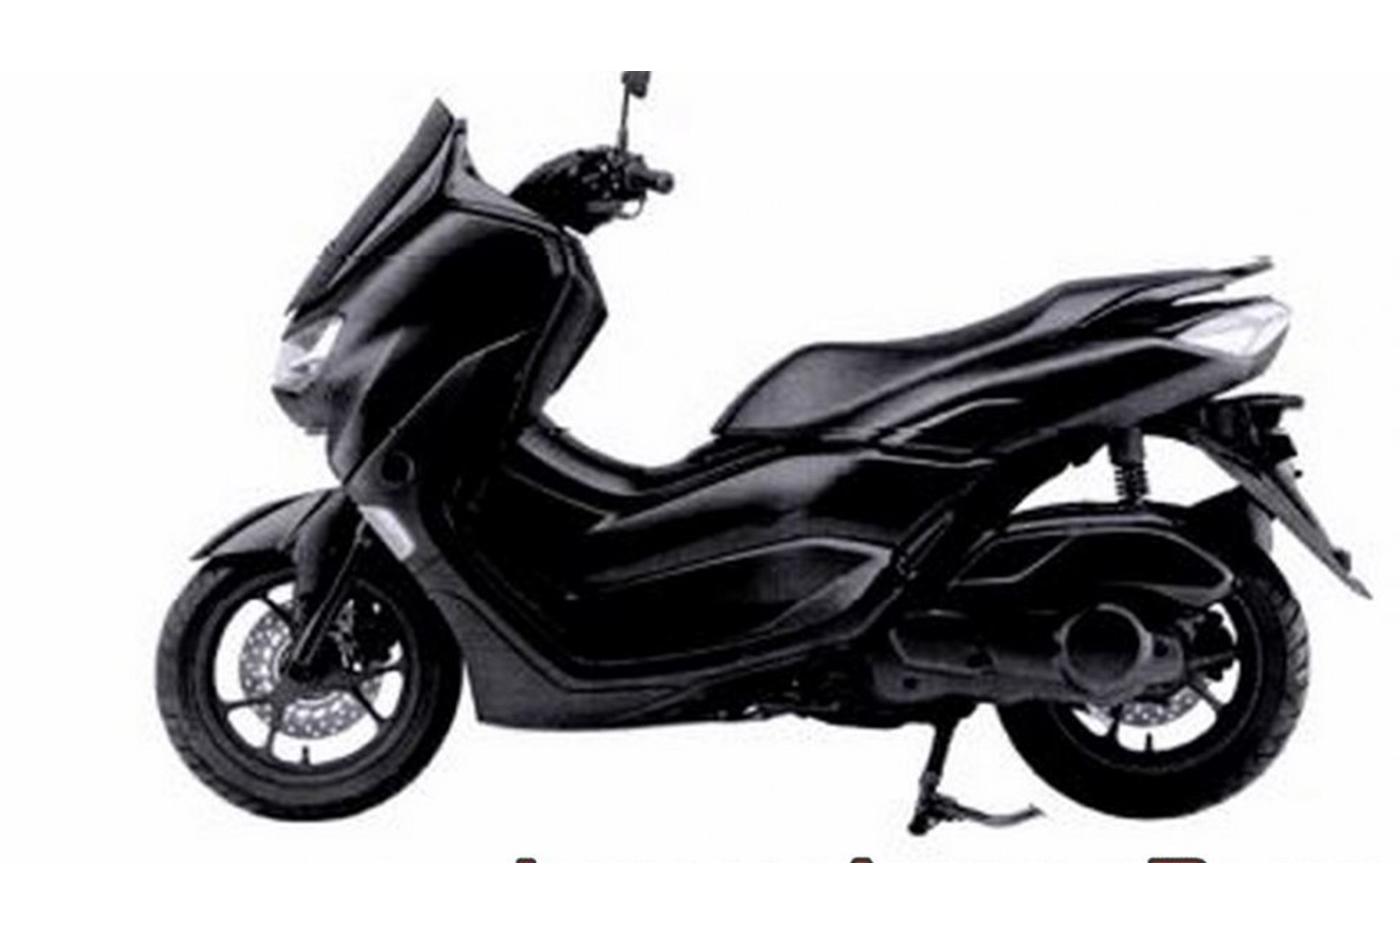 Yamaha NMax 155 2020 bị bắt gặp trên đường thử - Hình 8